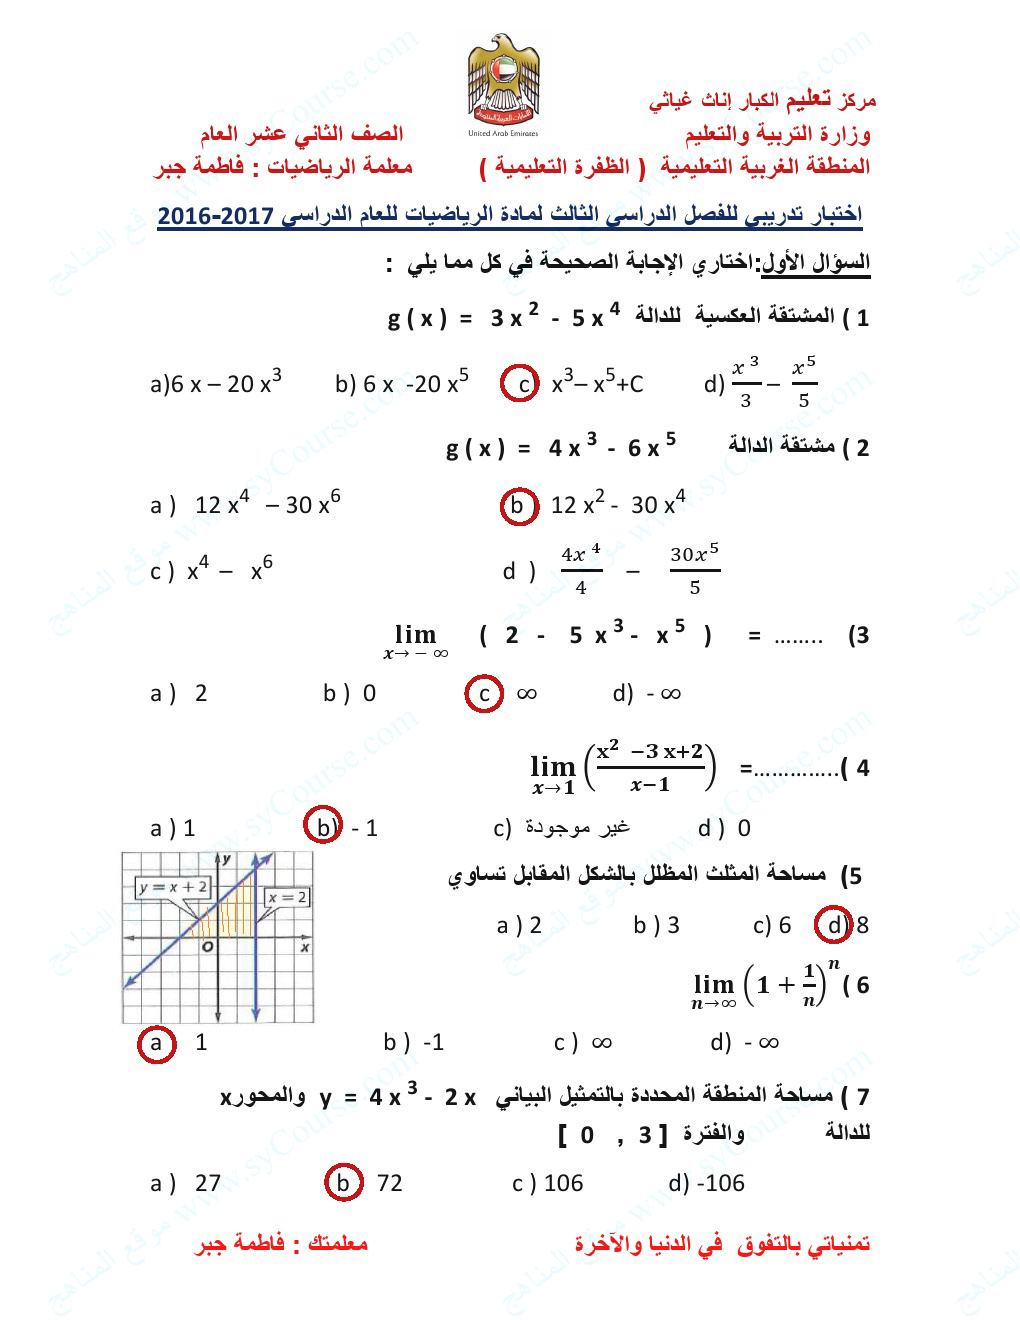 حل اسئلة كتاب الرياضيات توجيهي علمي